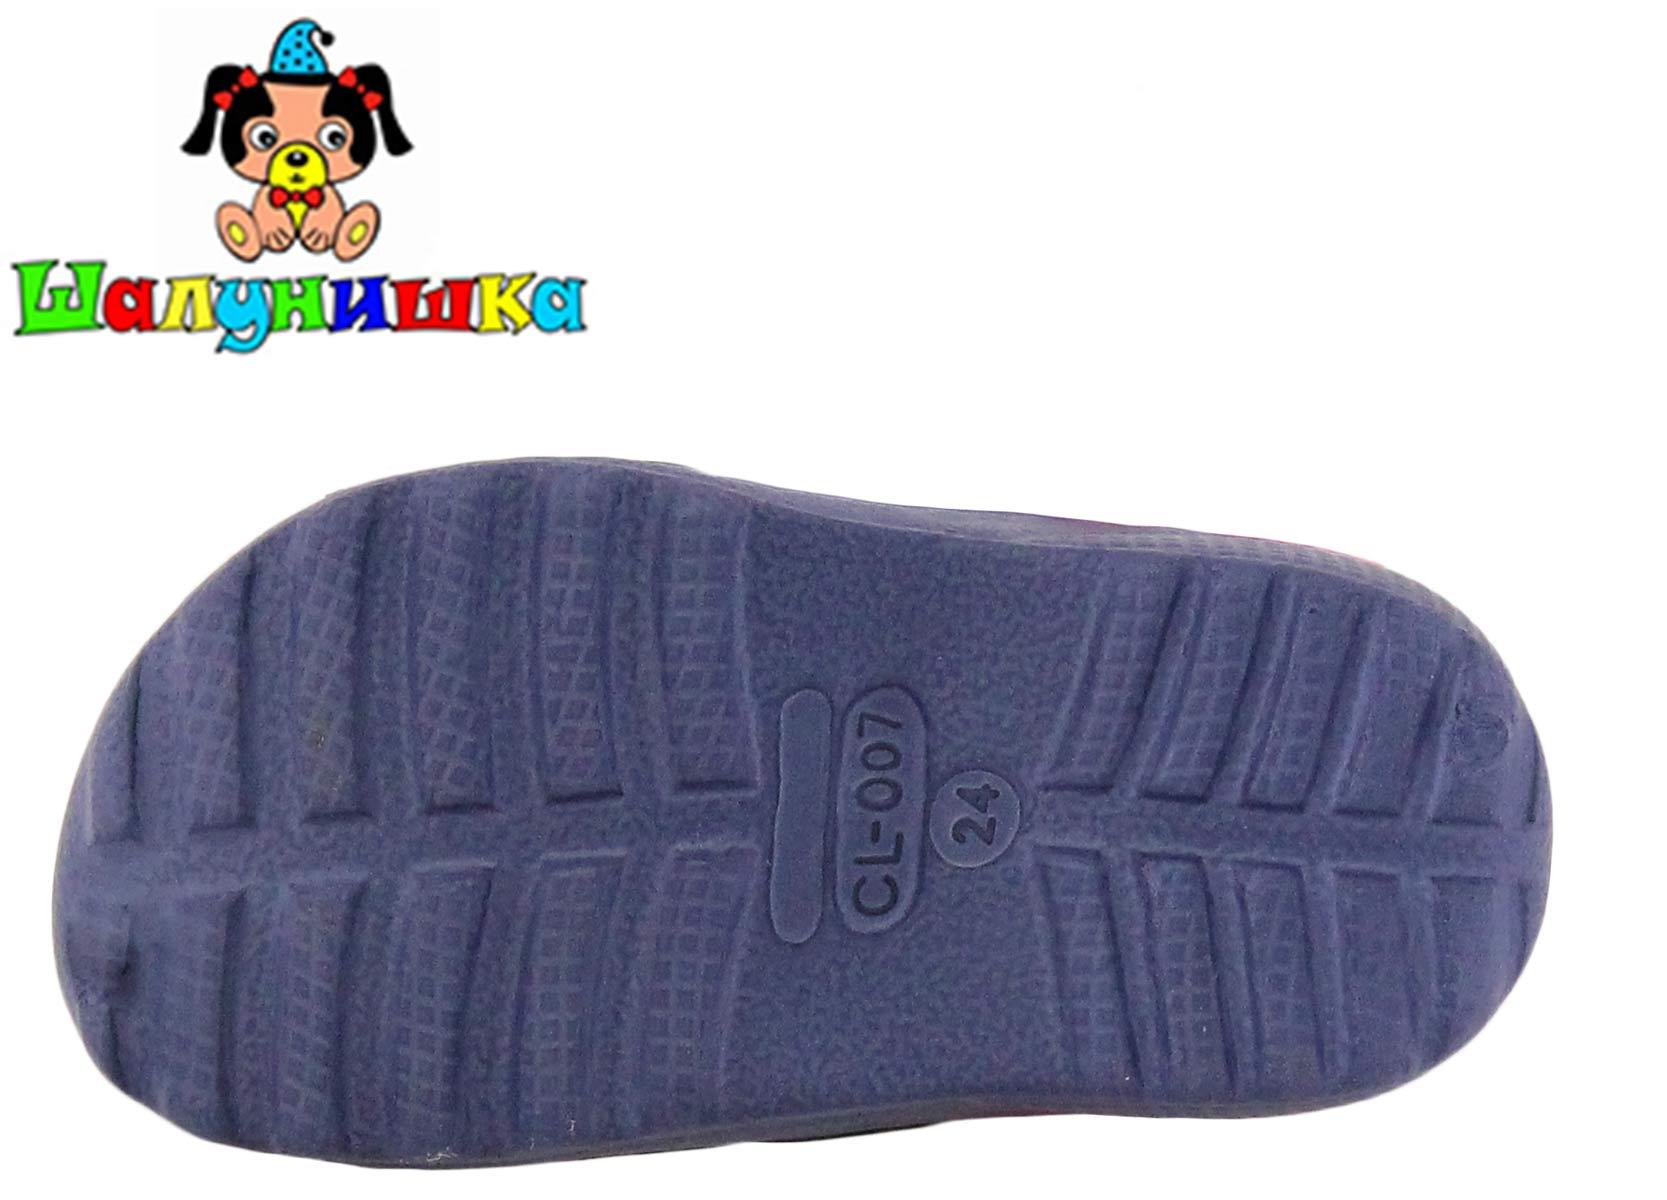 c47323d9c Купить детские кроксы 007 Navi для мальчика по цене 215 грн